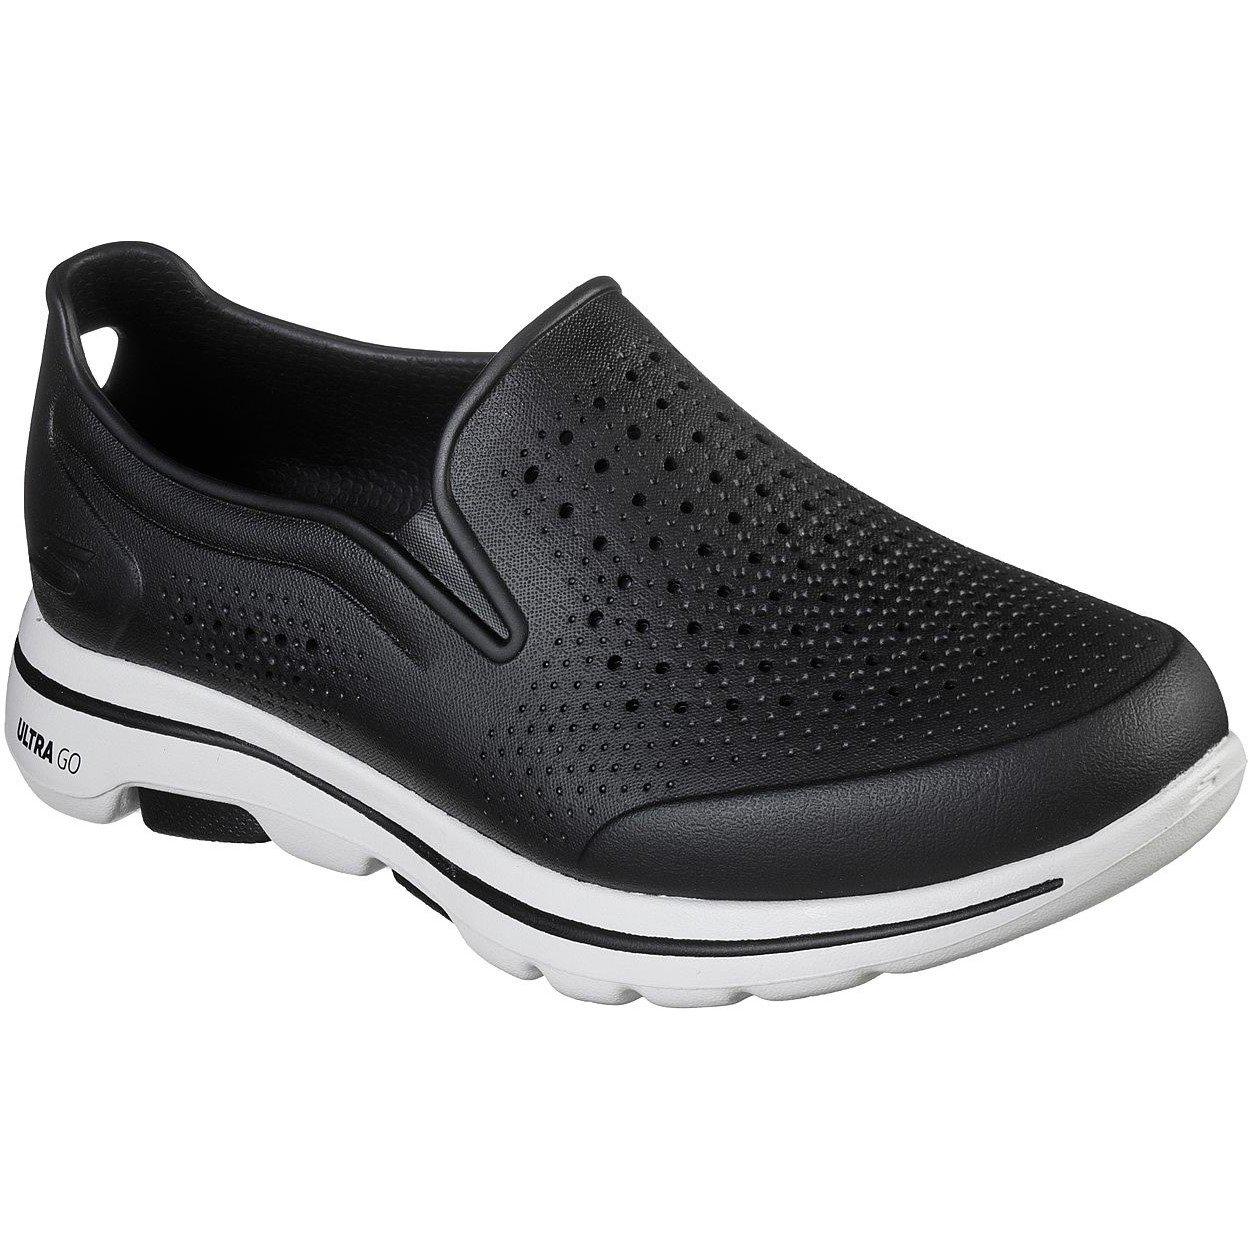 Skechers Men's Go Walk 5 Easy Going Slip On Trainer Multicolor 32391 - Black/White 8